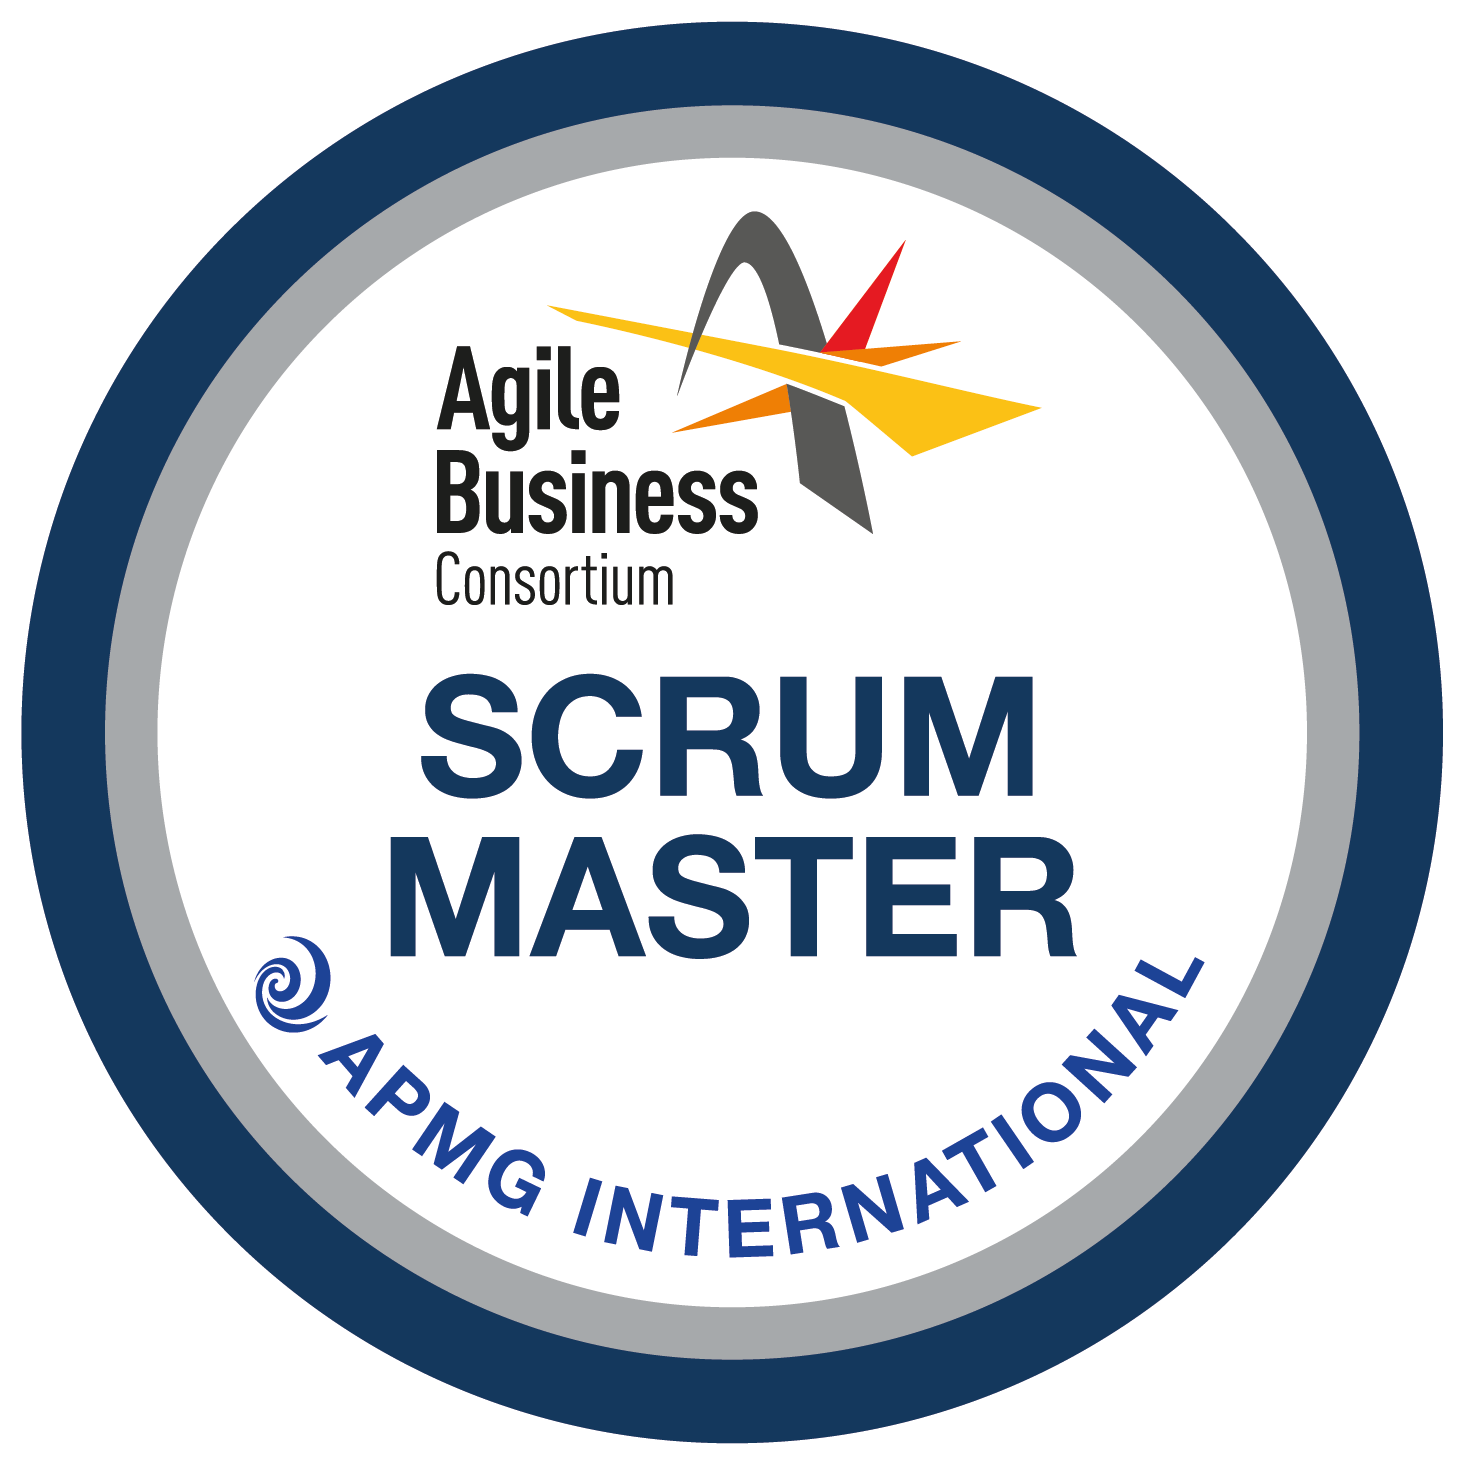 Agile Bussiness Consortium Scrum Master course